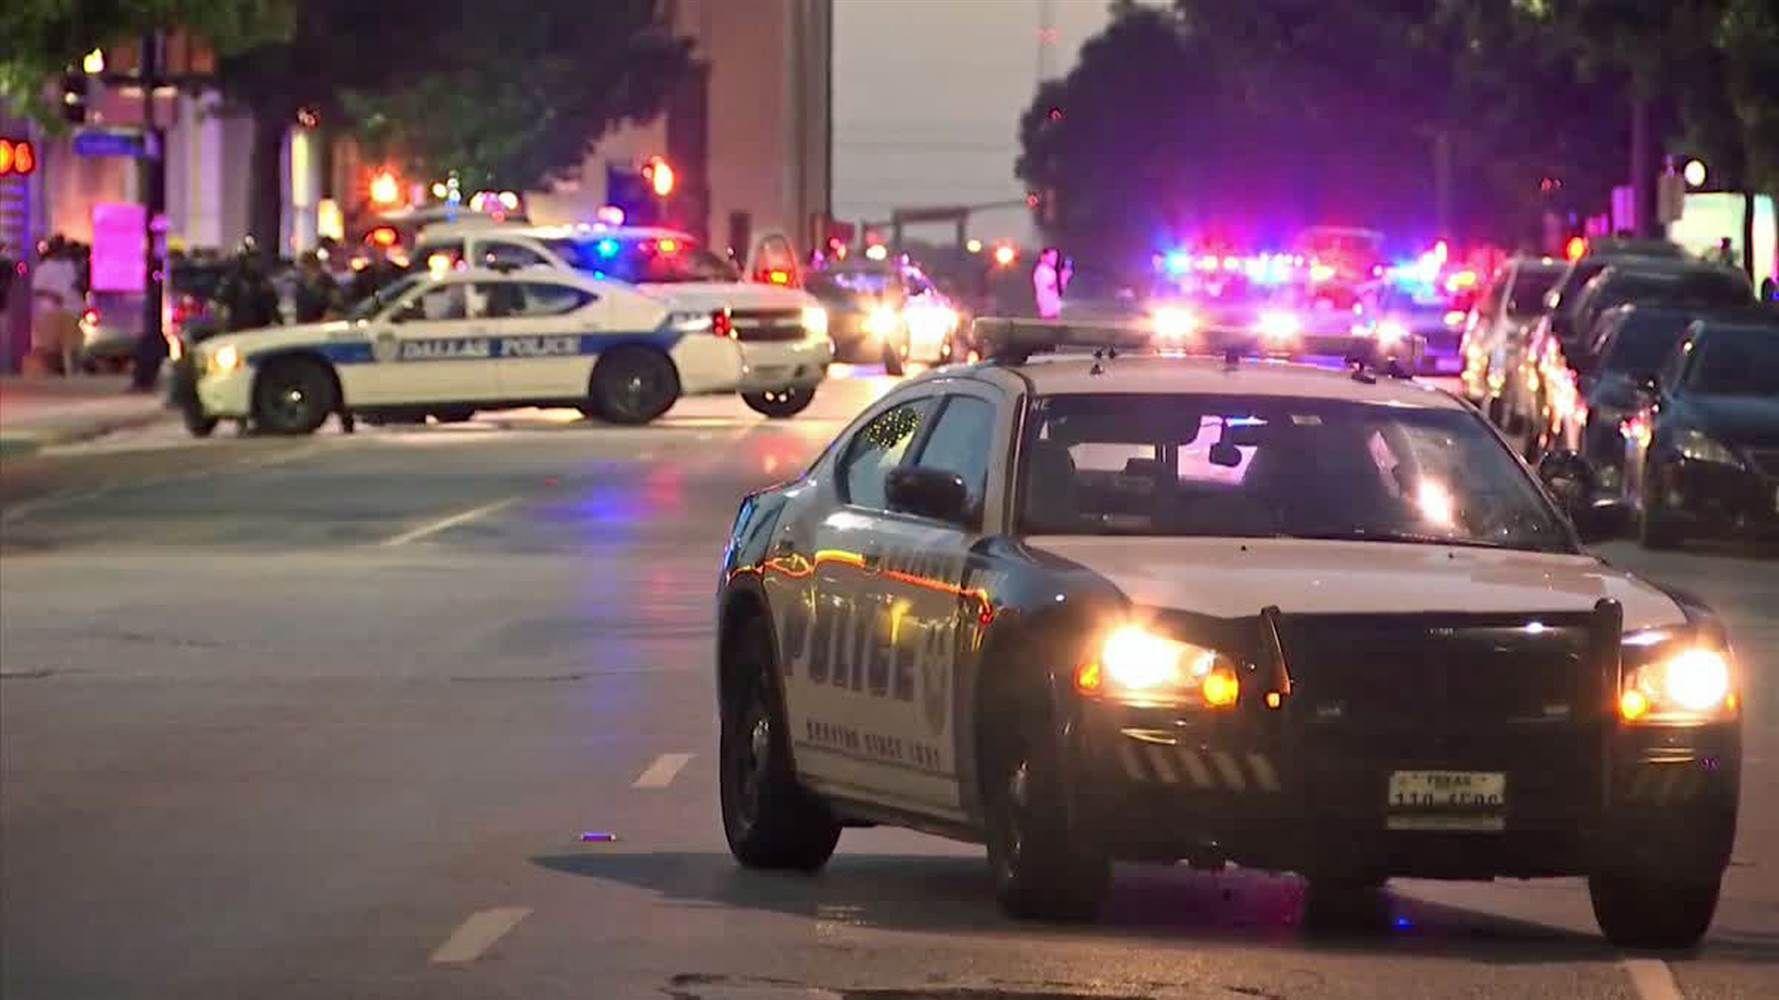 Dallas Police Ambush 12 Officers Shot 5 Killed During Protest Police Officer Shot Dallas Police Dallas Police Shooting